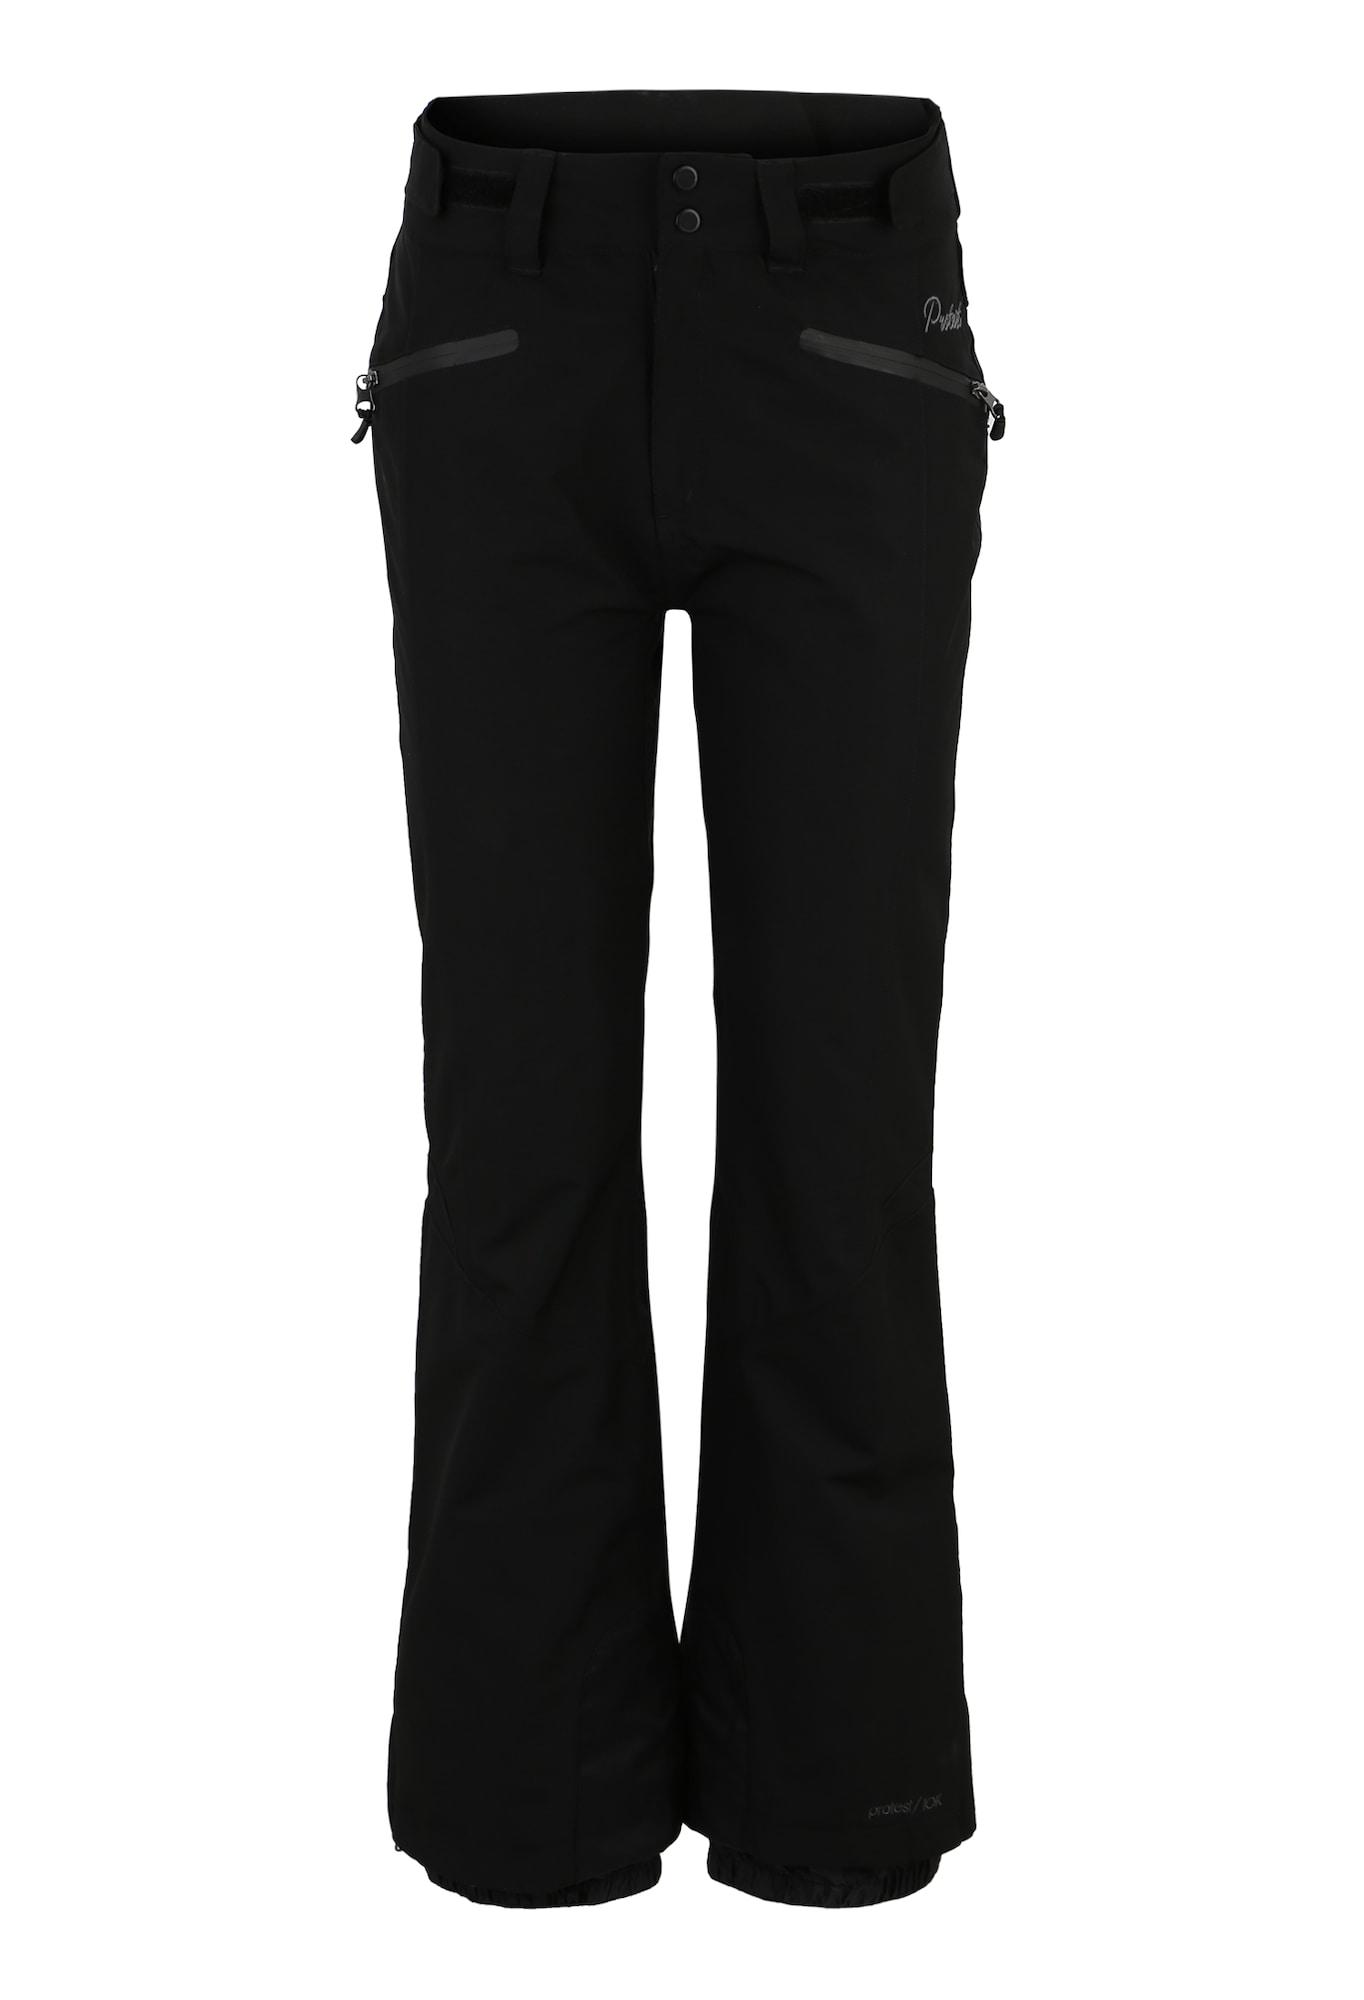 Sportovní kalhoty Kensington Snowpants černá PROTEST